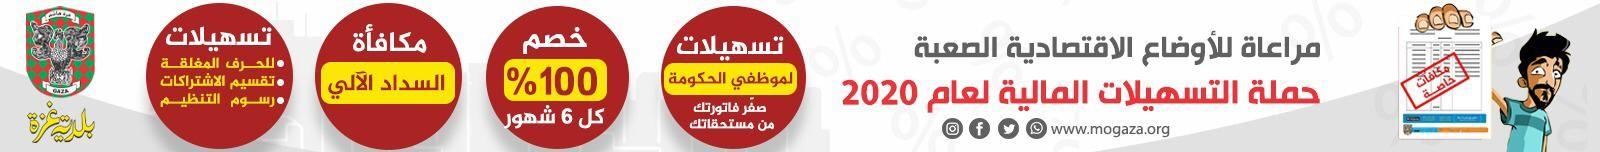 إعلان بلدية غزة